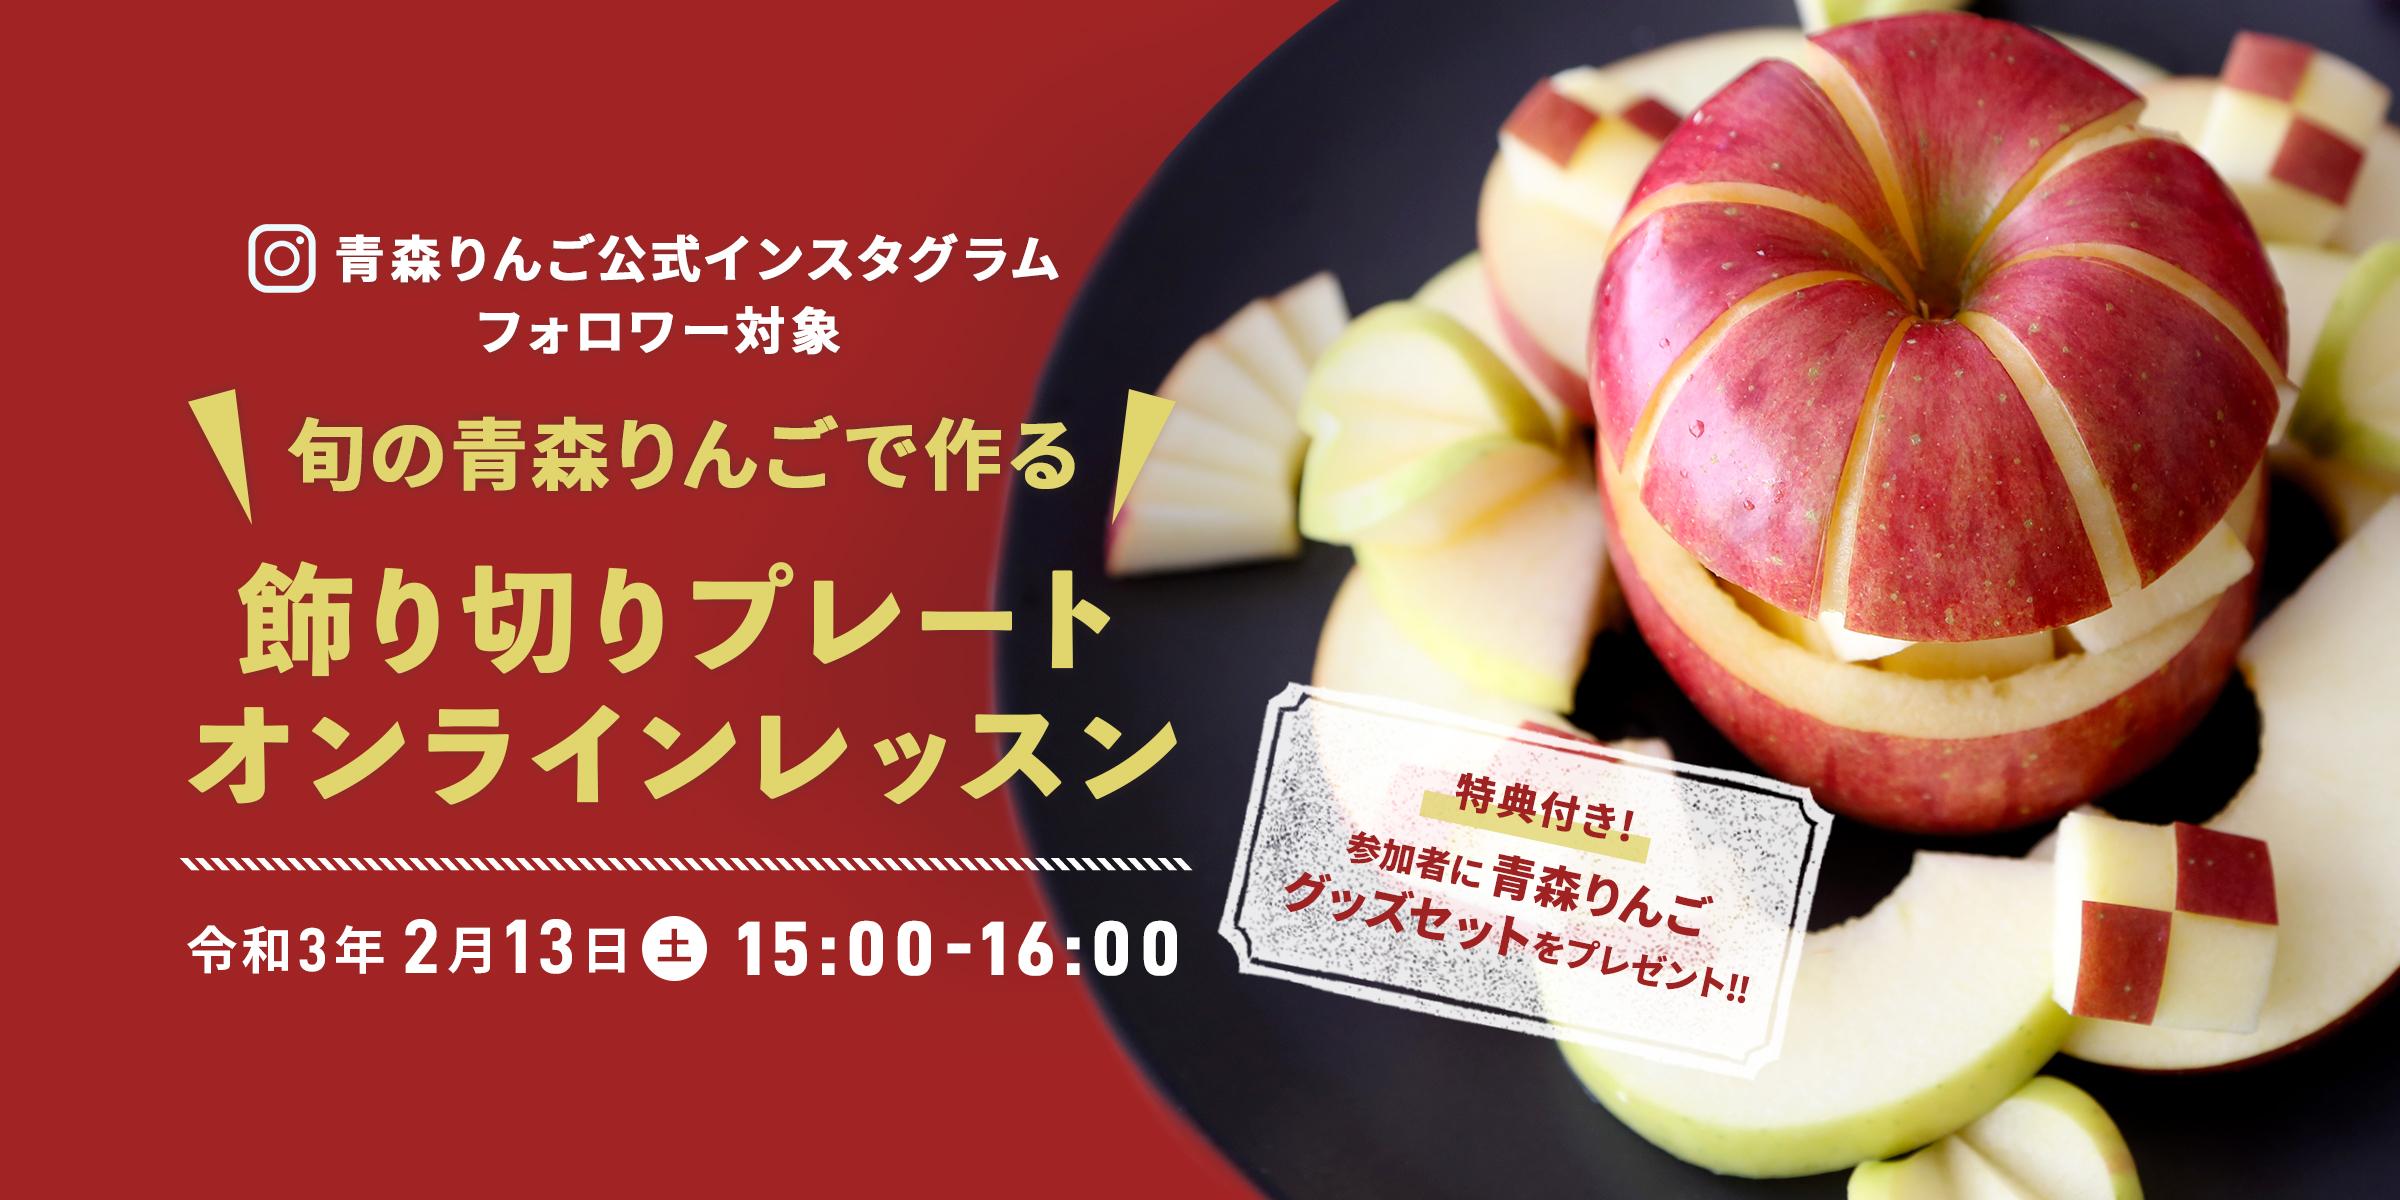 旬の青森りんごで作る!飾り切りプレート オンラインレッスン